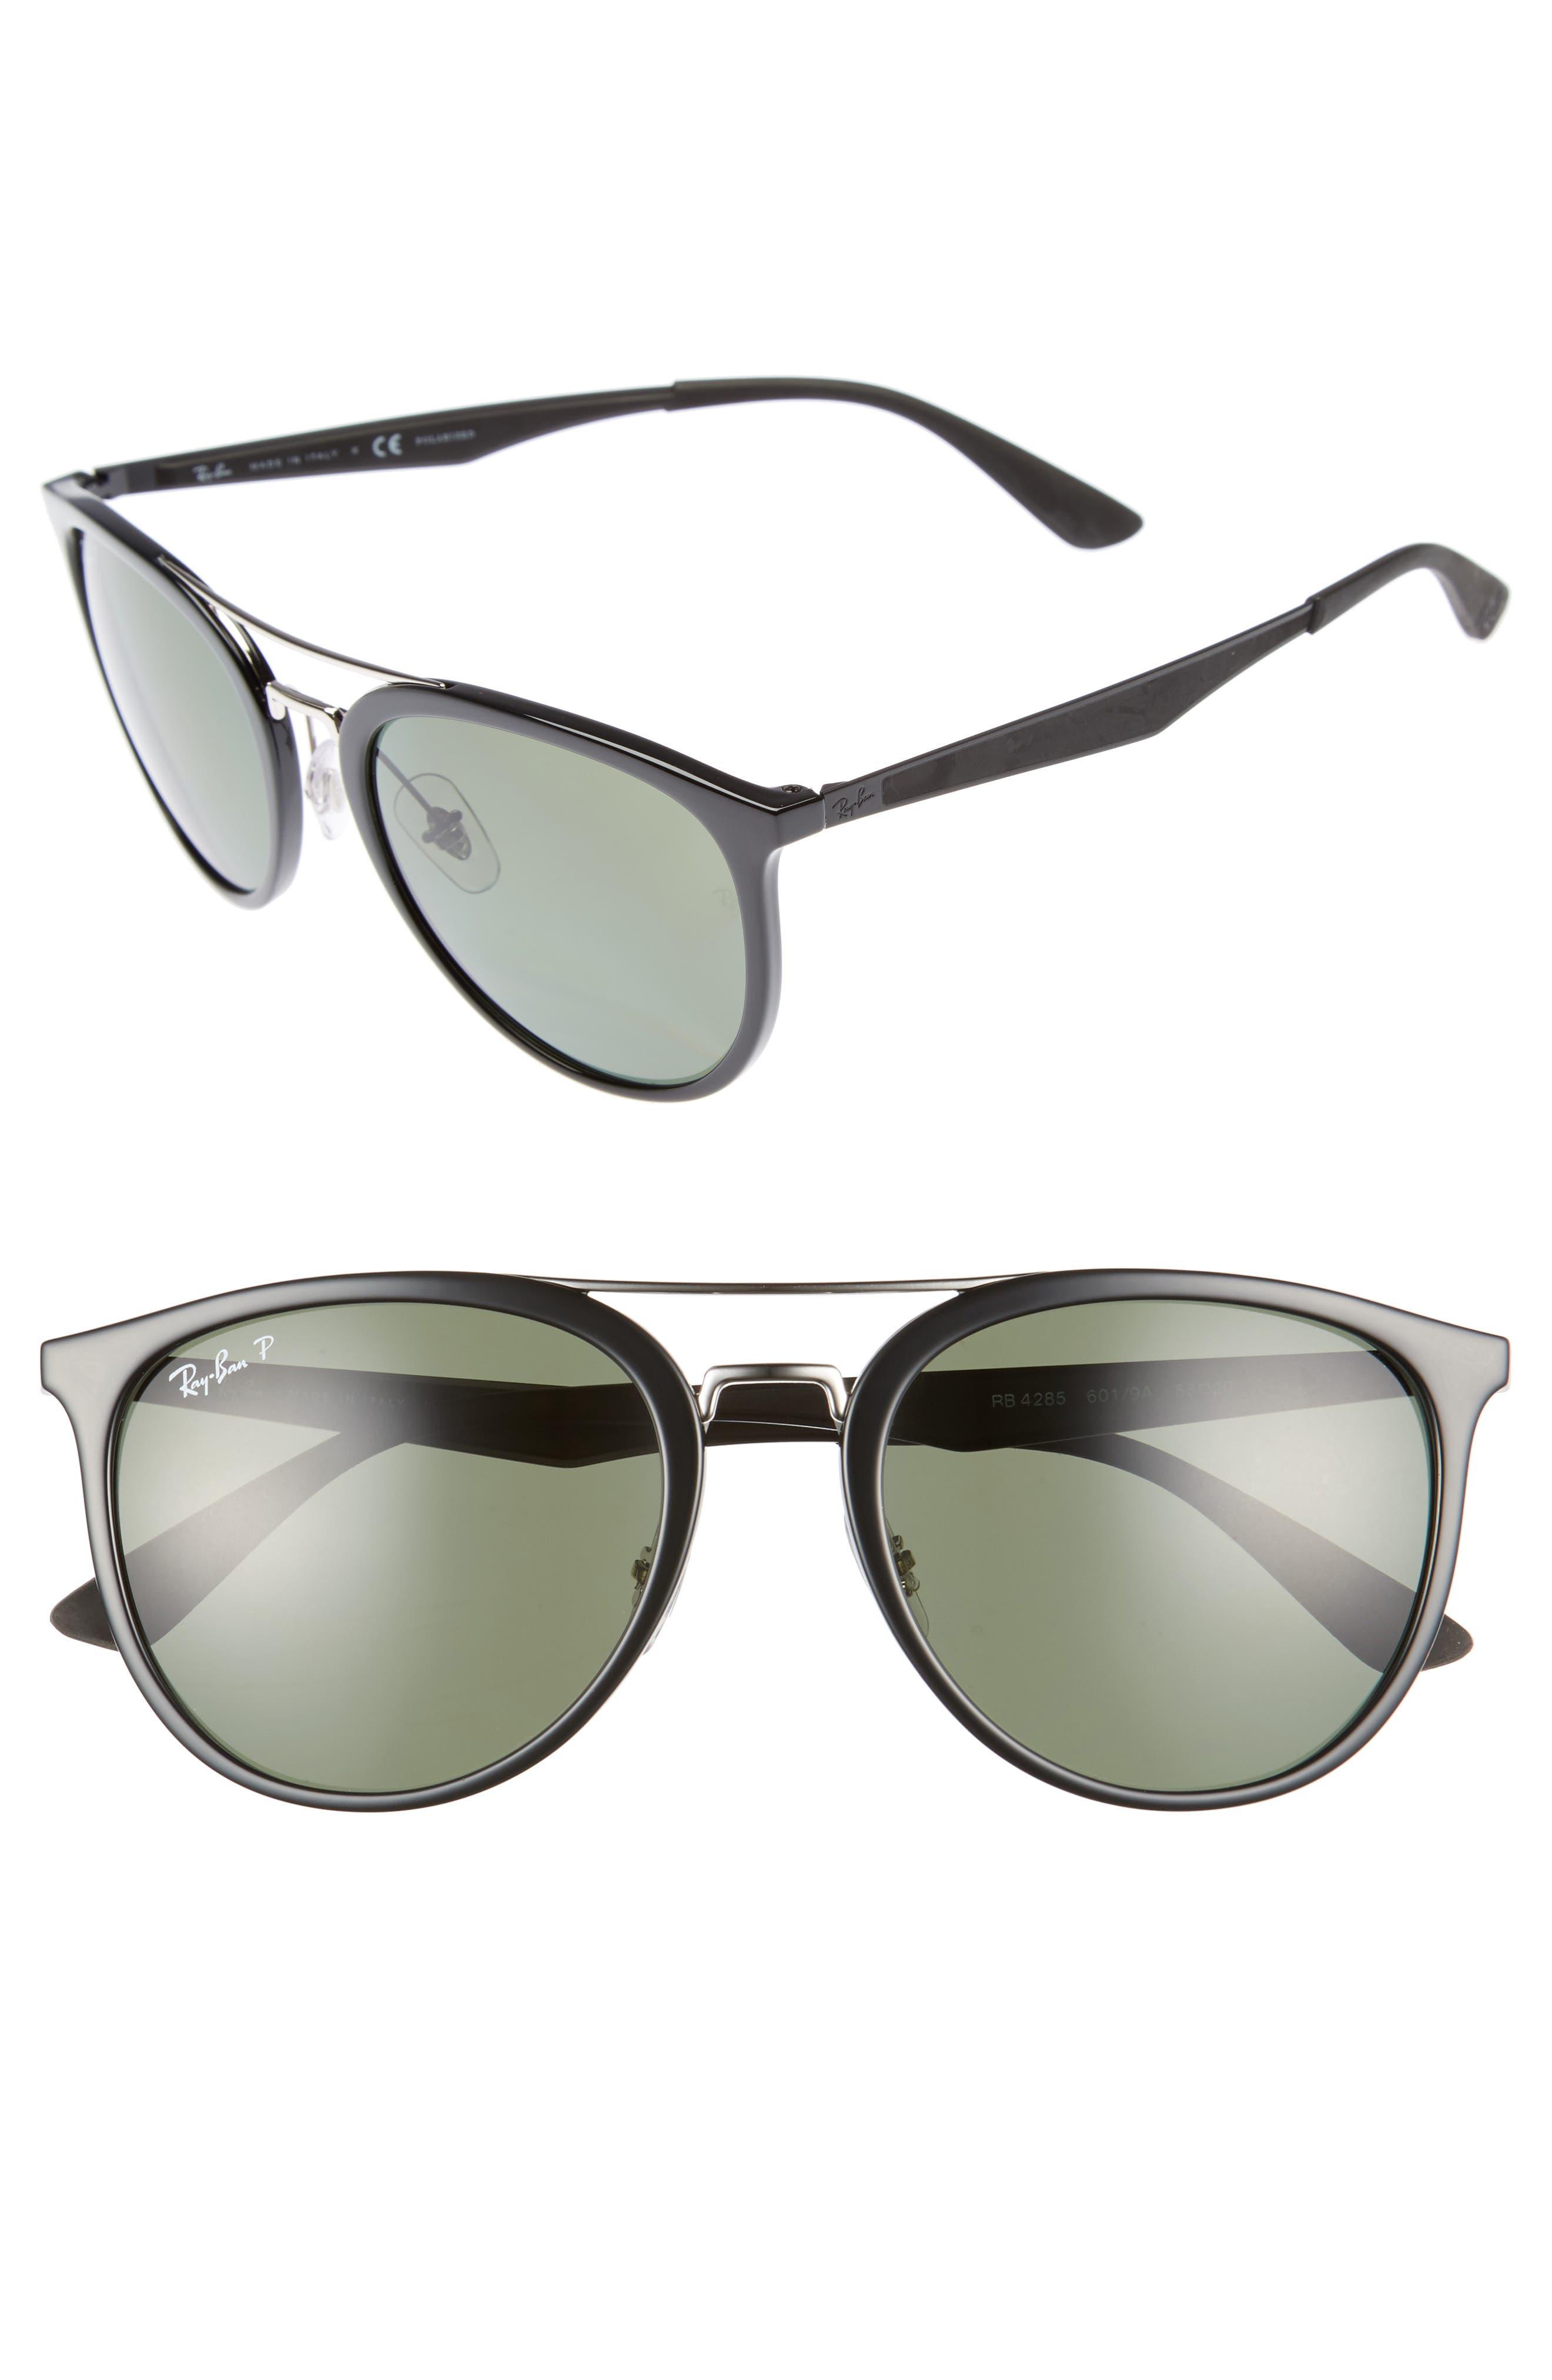 Ray-Ban 55mm Retro Polarized Sunglasses